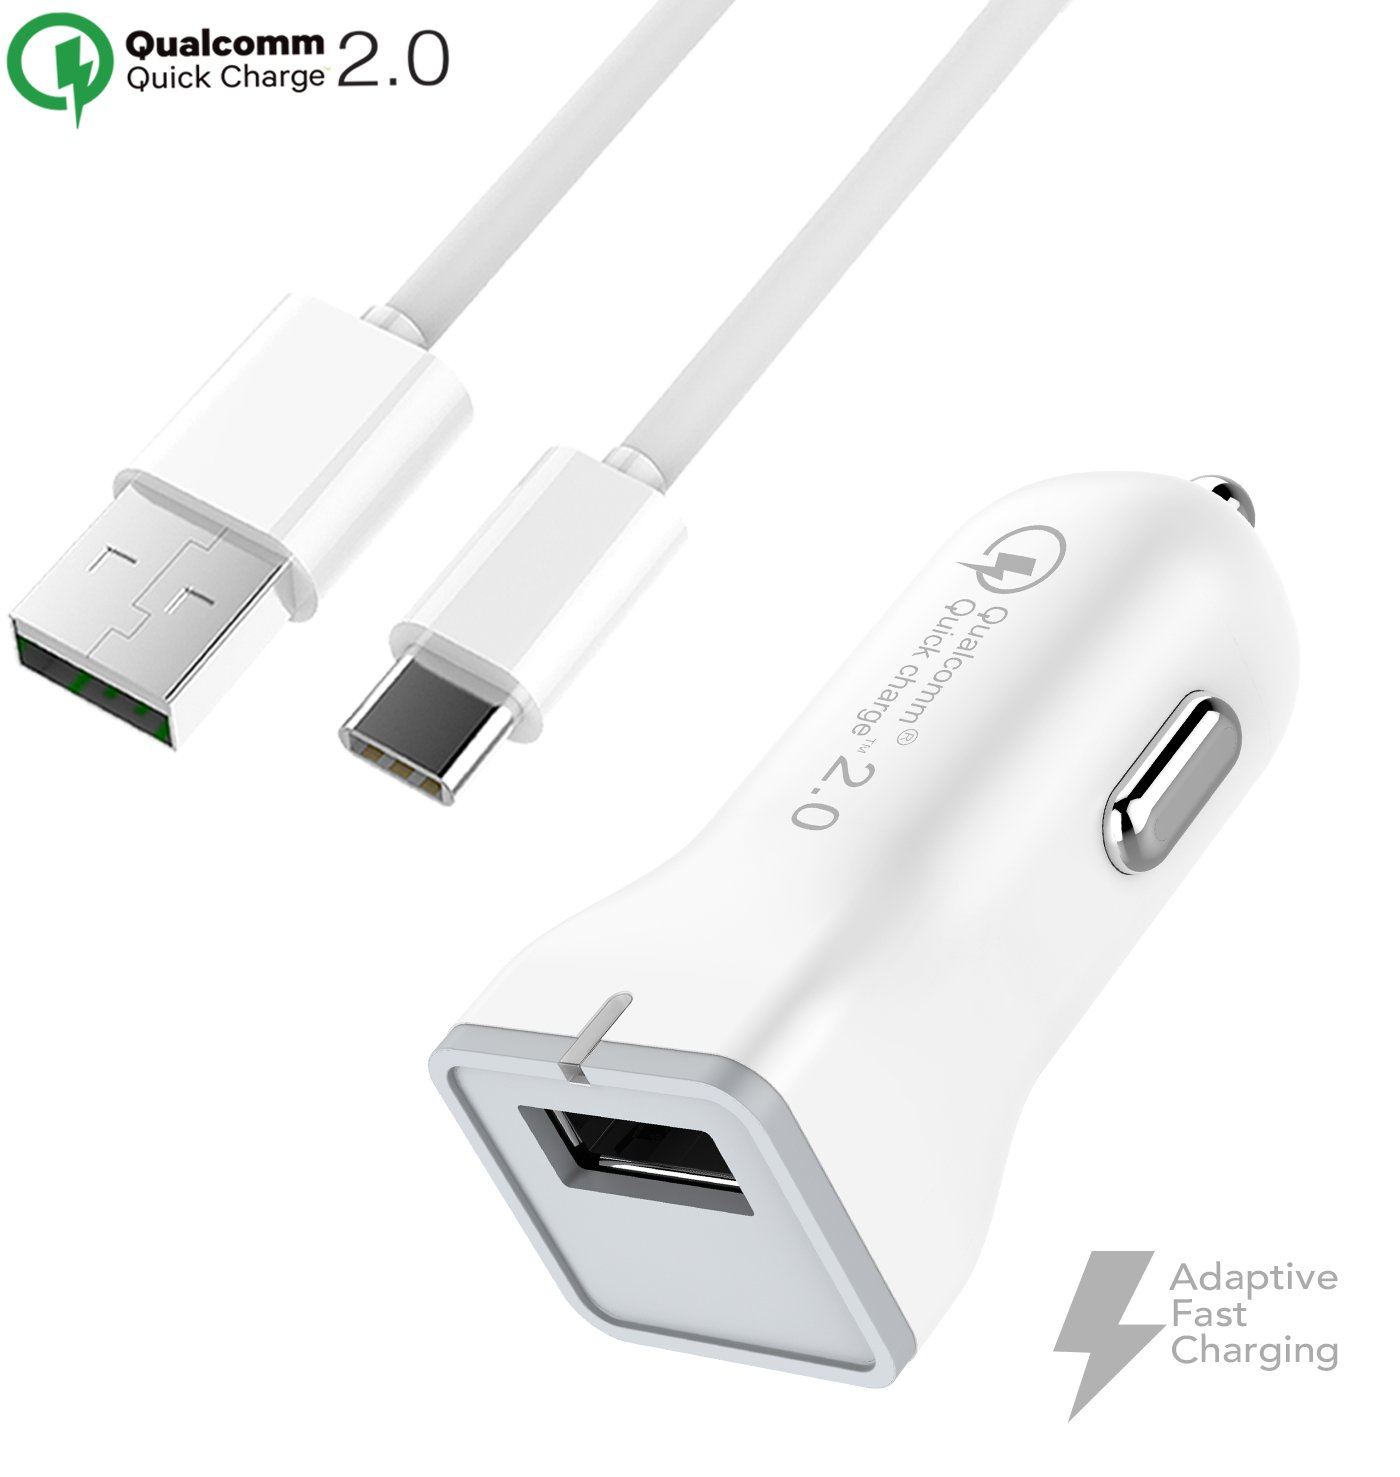 Huawei Mate 9 Cargador rápido tipo C USB 2.0 cable Kit por ...